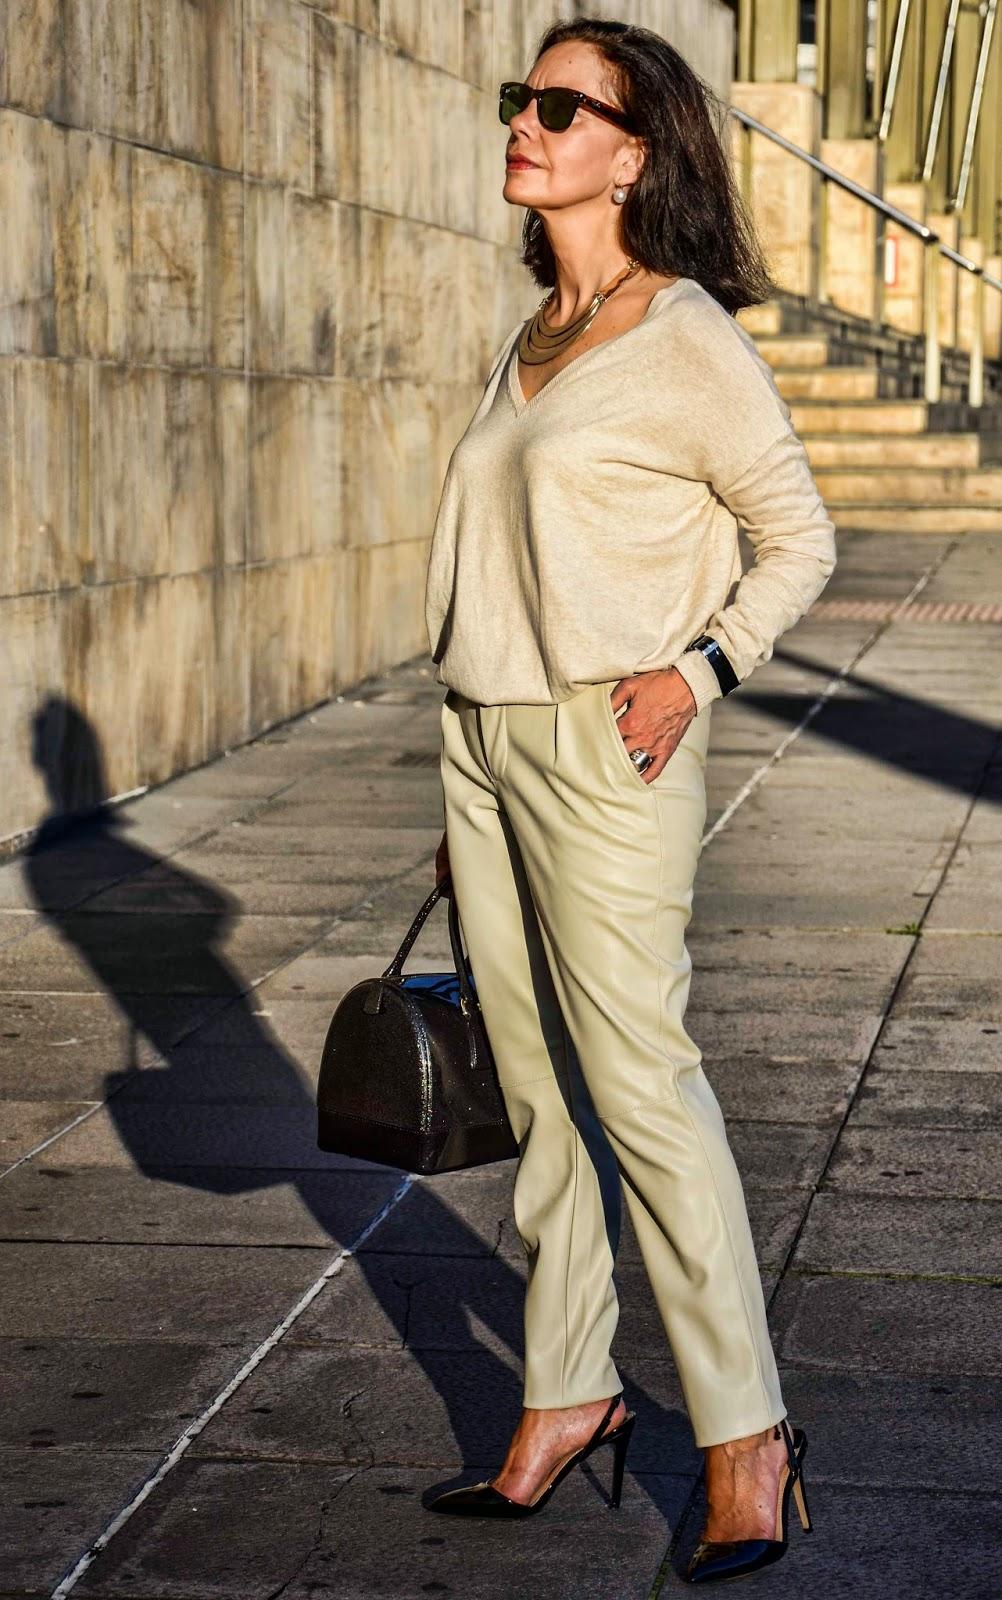 брюки женские 2018 года для 50 лет